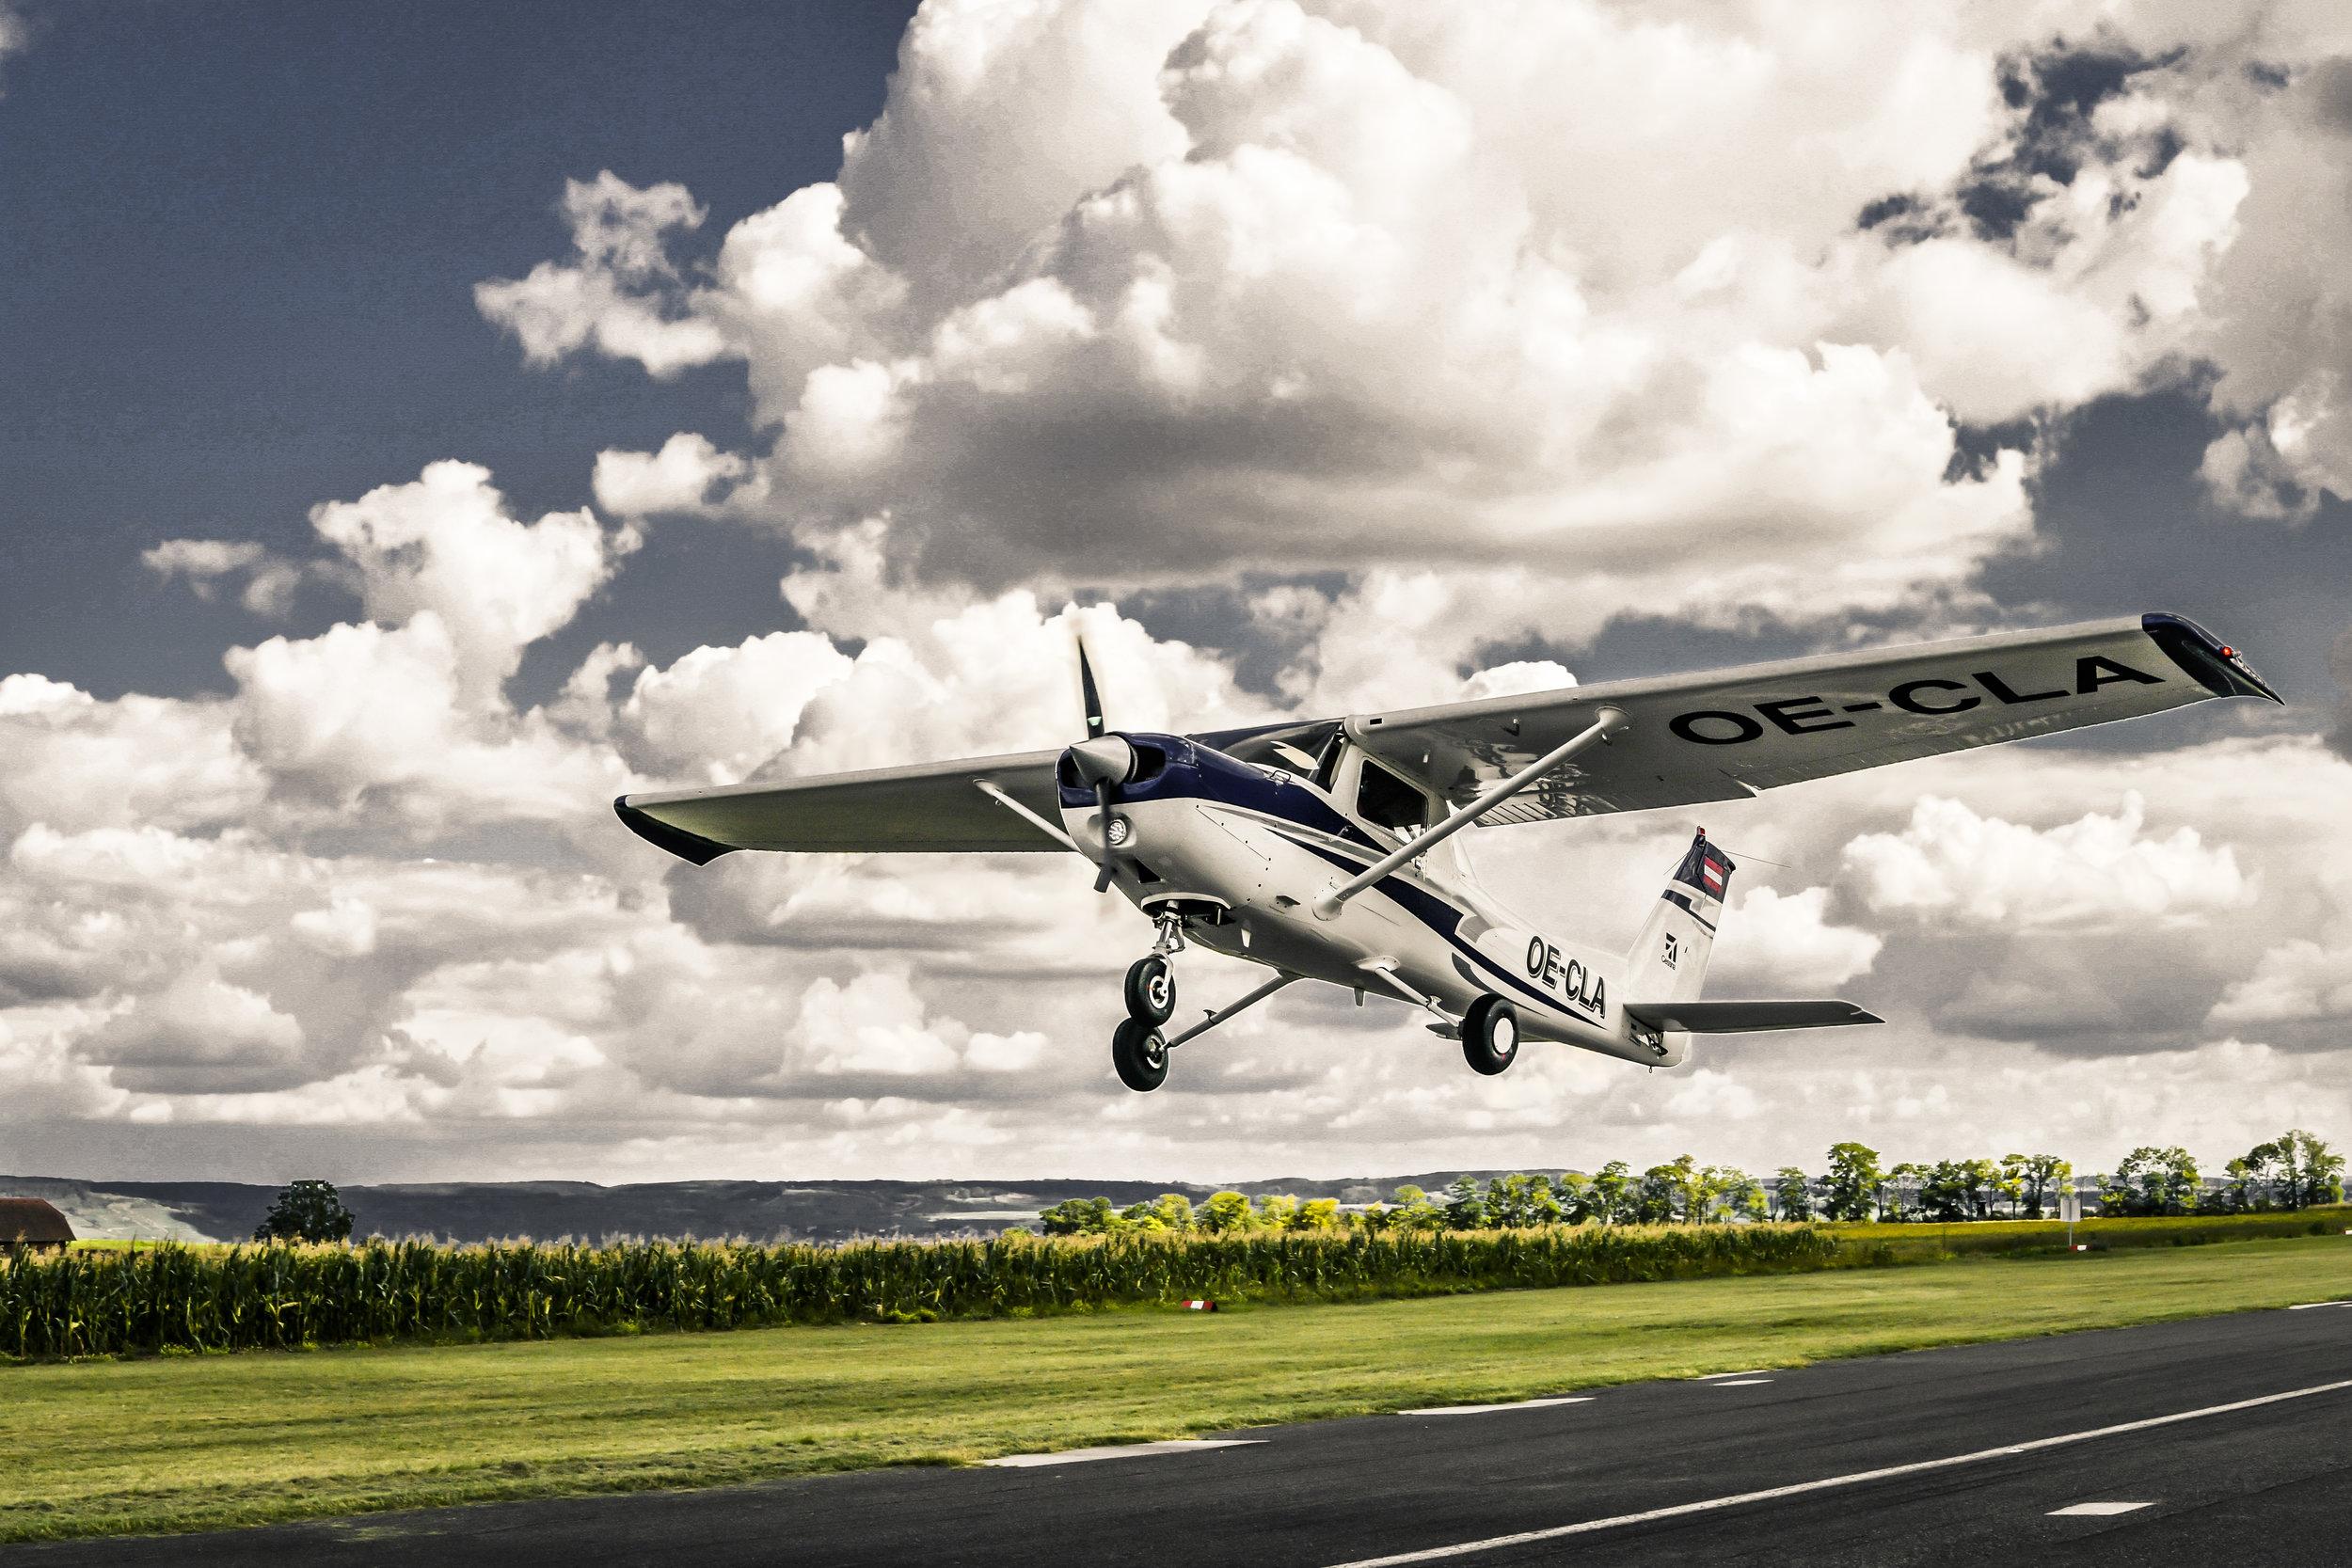 Cessna 152OE-CLA - zweisitziges Schul- & ReiseflugzeugSpannweite: 8,20 mAntrieb: Lycoming O-235 L2CStartgewicht: 726 KgReisespeed: 160 Km/hMotorleisung: 115 PSTankinhalt: 110 L BleifreiReichweite: ca 650 Km